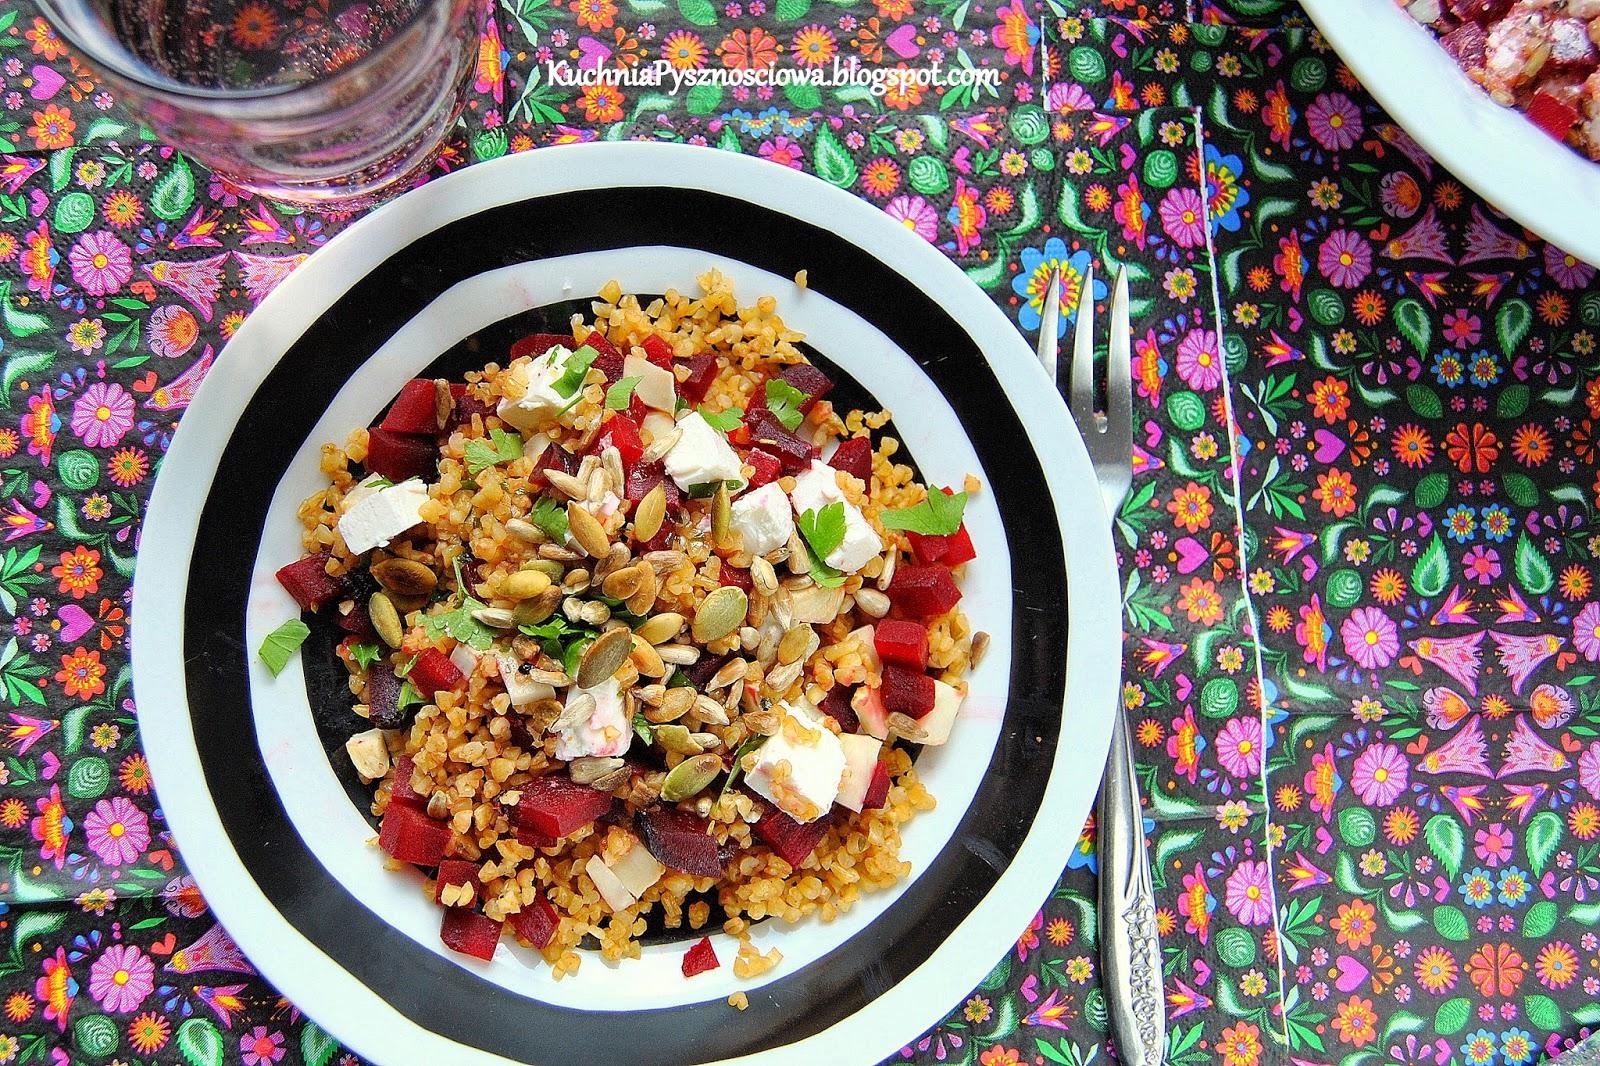 326. Pieczone buraki, ser feta i kasza bulgur w sałatce